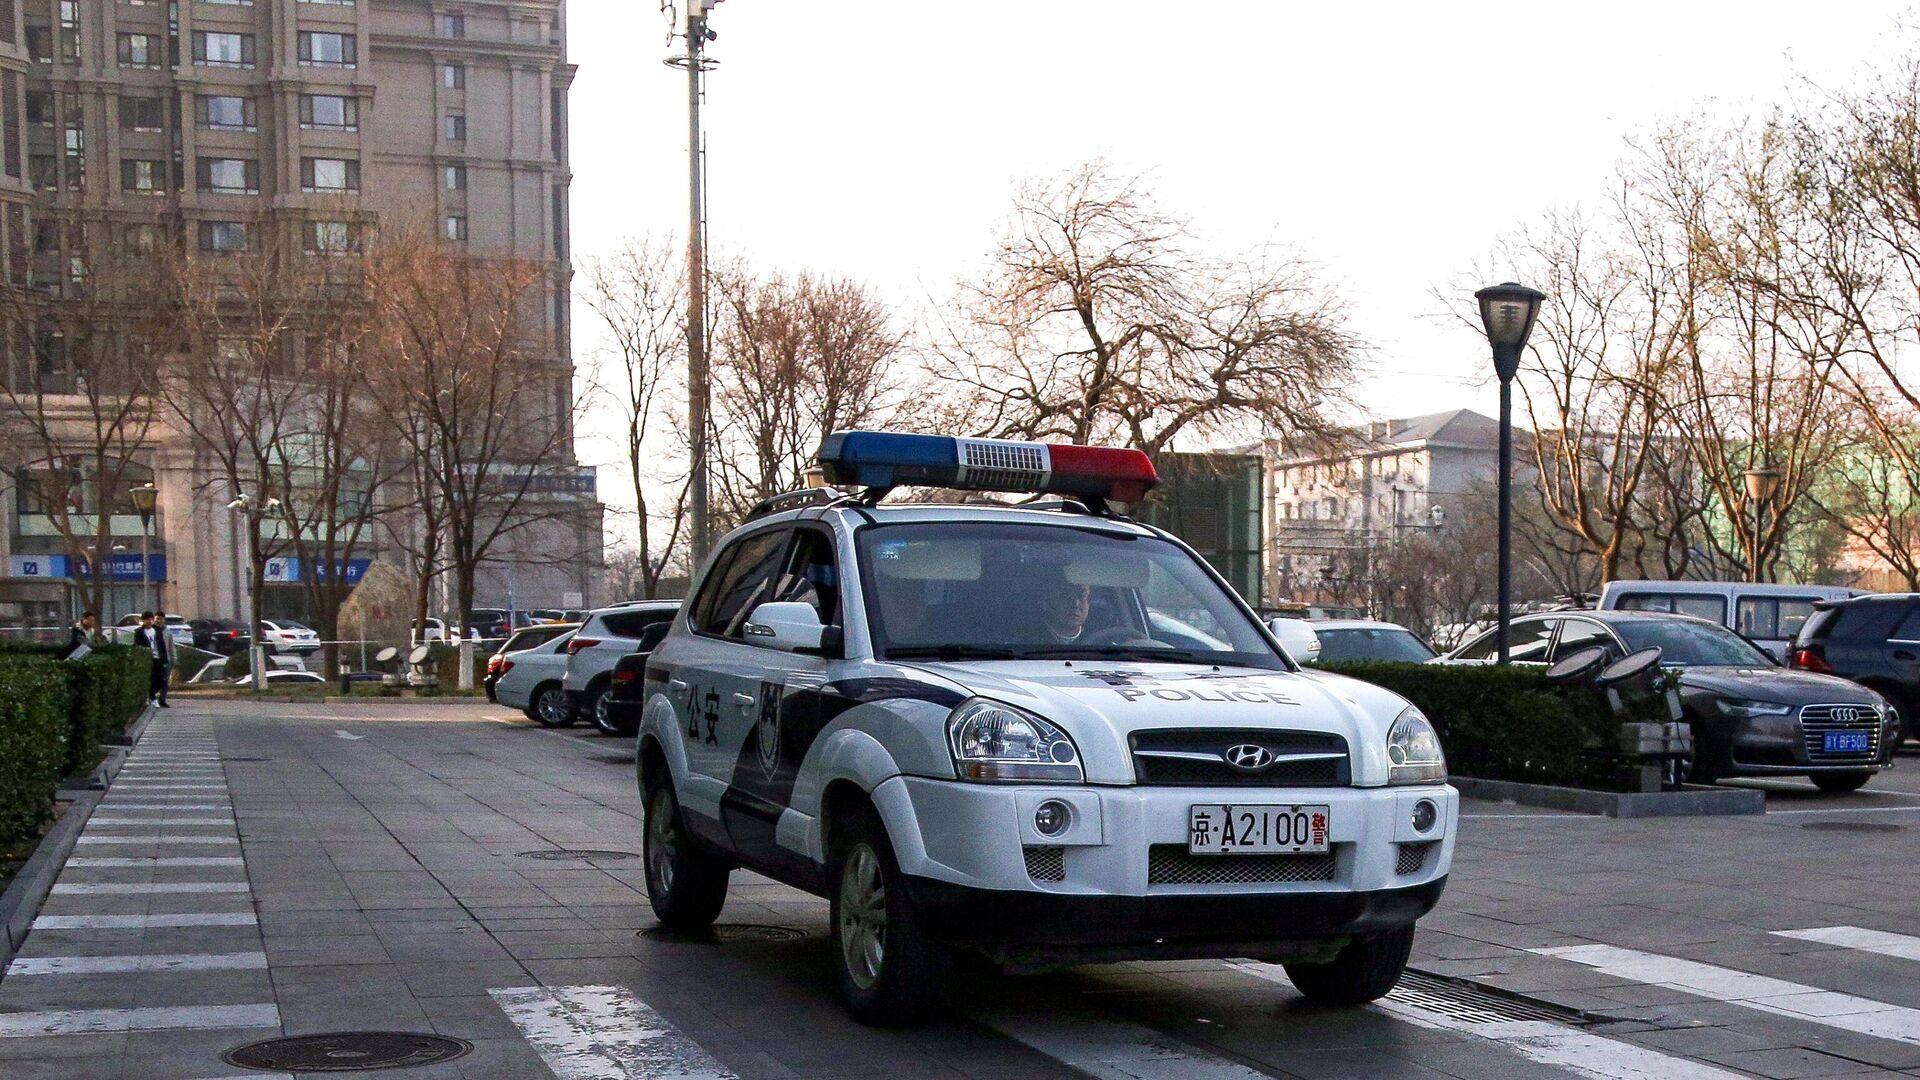 Патрульный автомобиль полиции Китая - РИА Новости, 1920, 11.12.2020